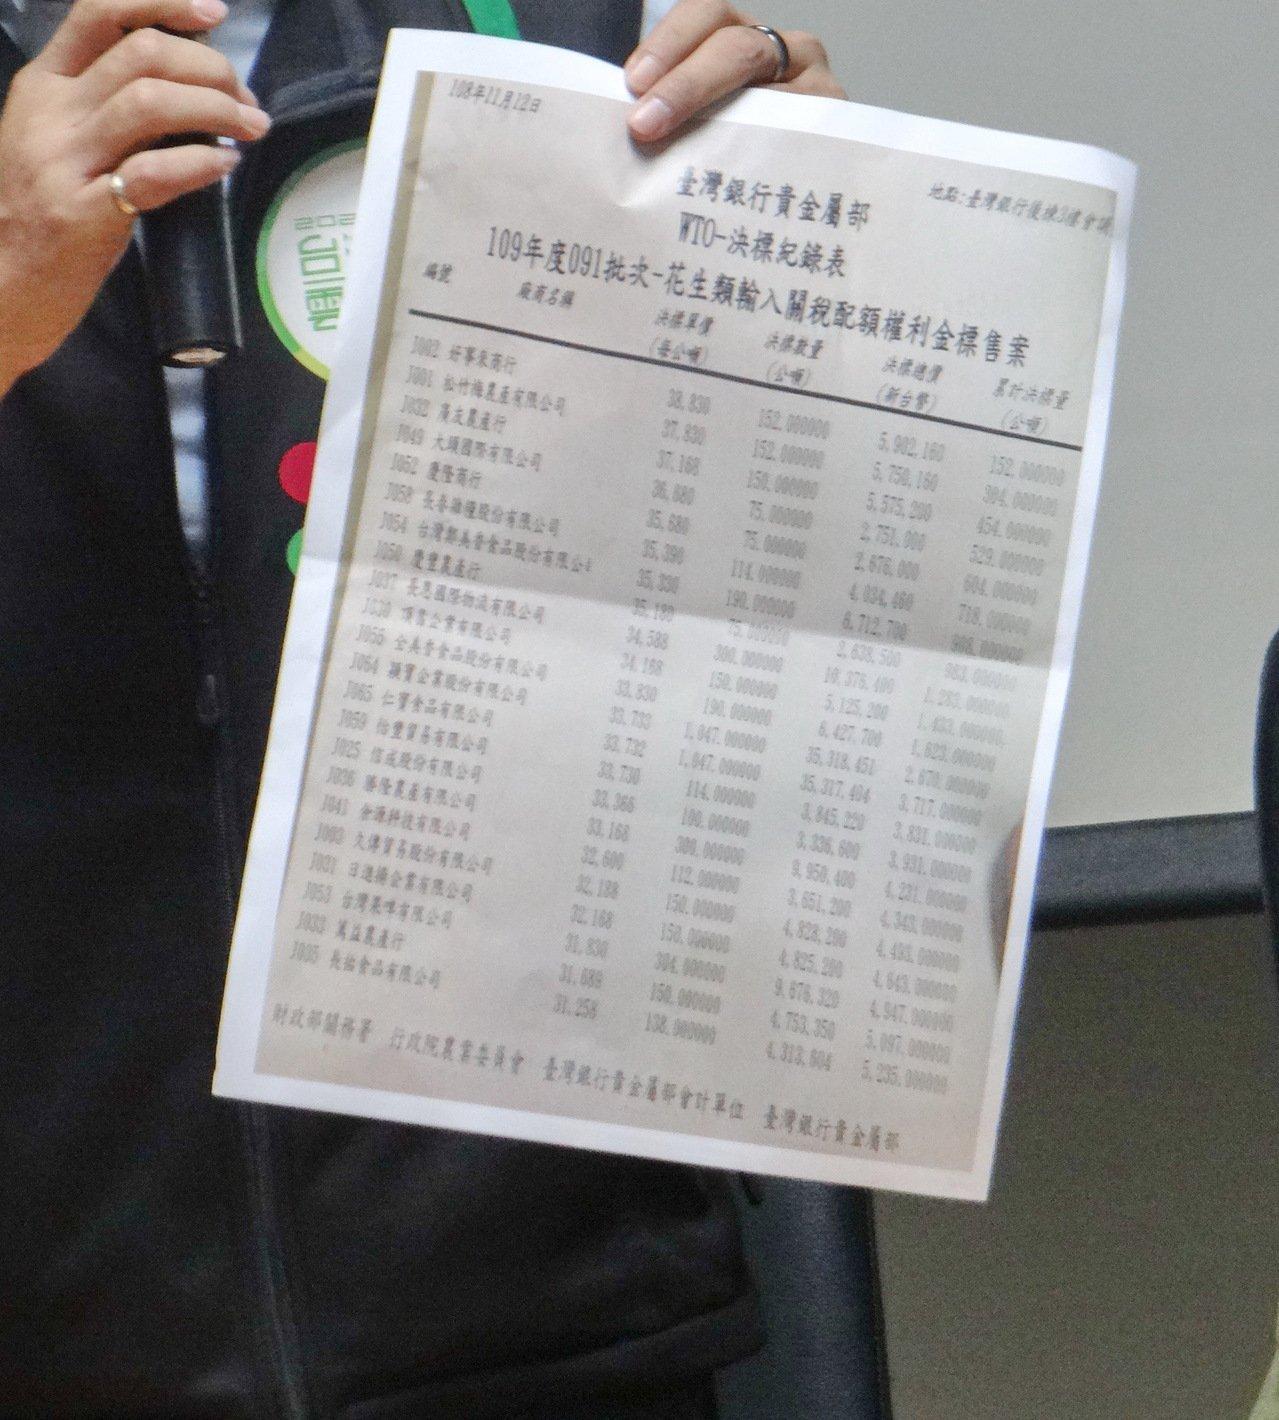 農委會主委陳吉仲說,就是這張標單被利用來散播假消息,造成農產動盪不安,農委會將會...